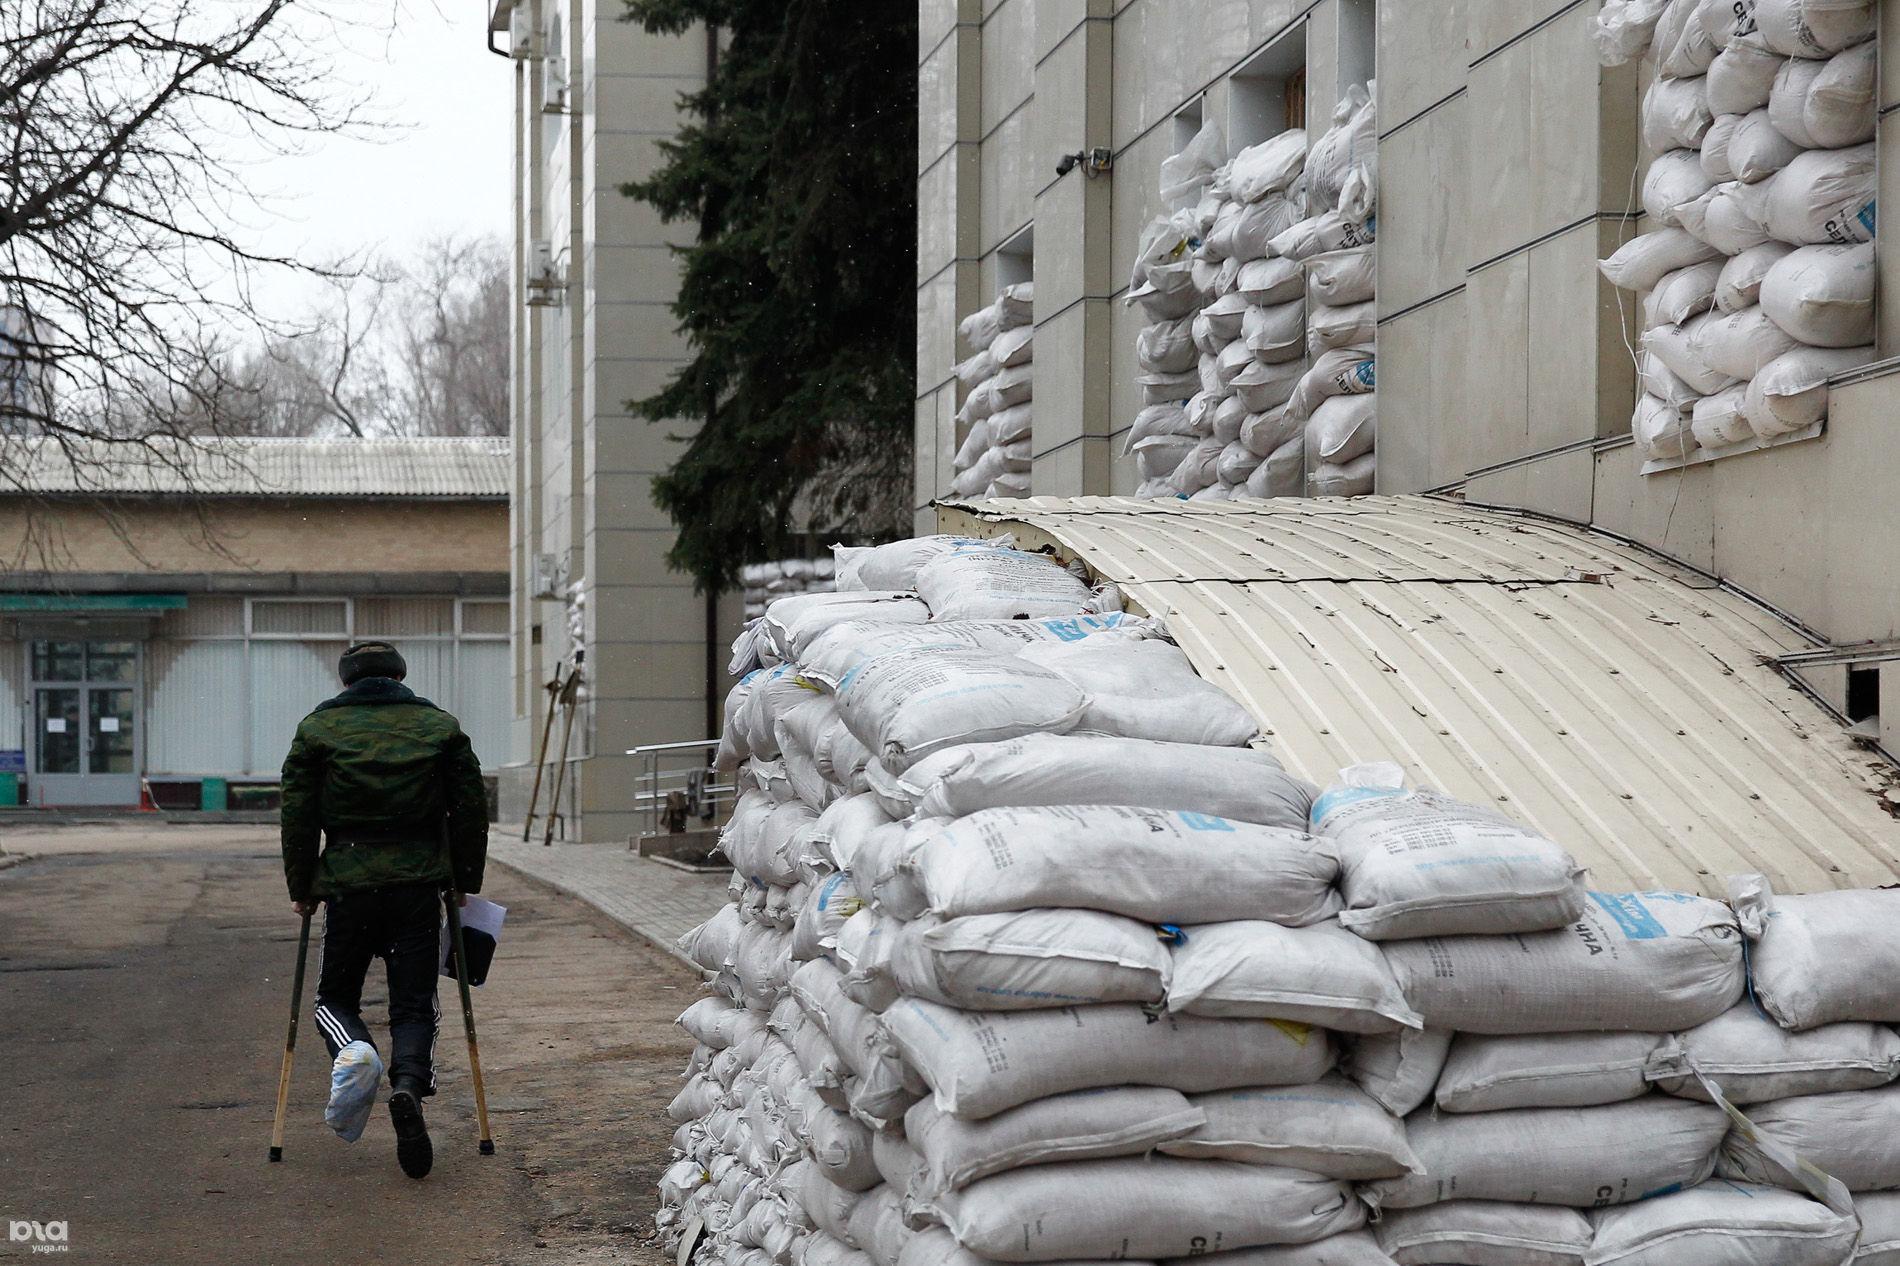 Террористы ДНР в шоке: в Донецке закрывают военный госпиталь. Раненых боевиков выбрасывают на улицу